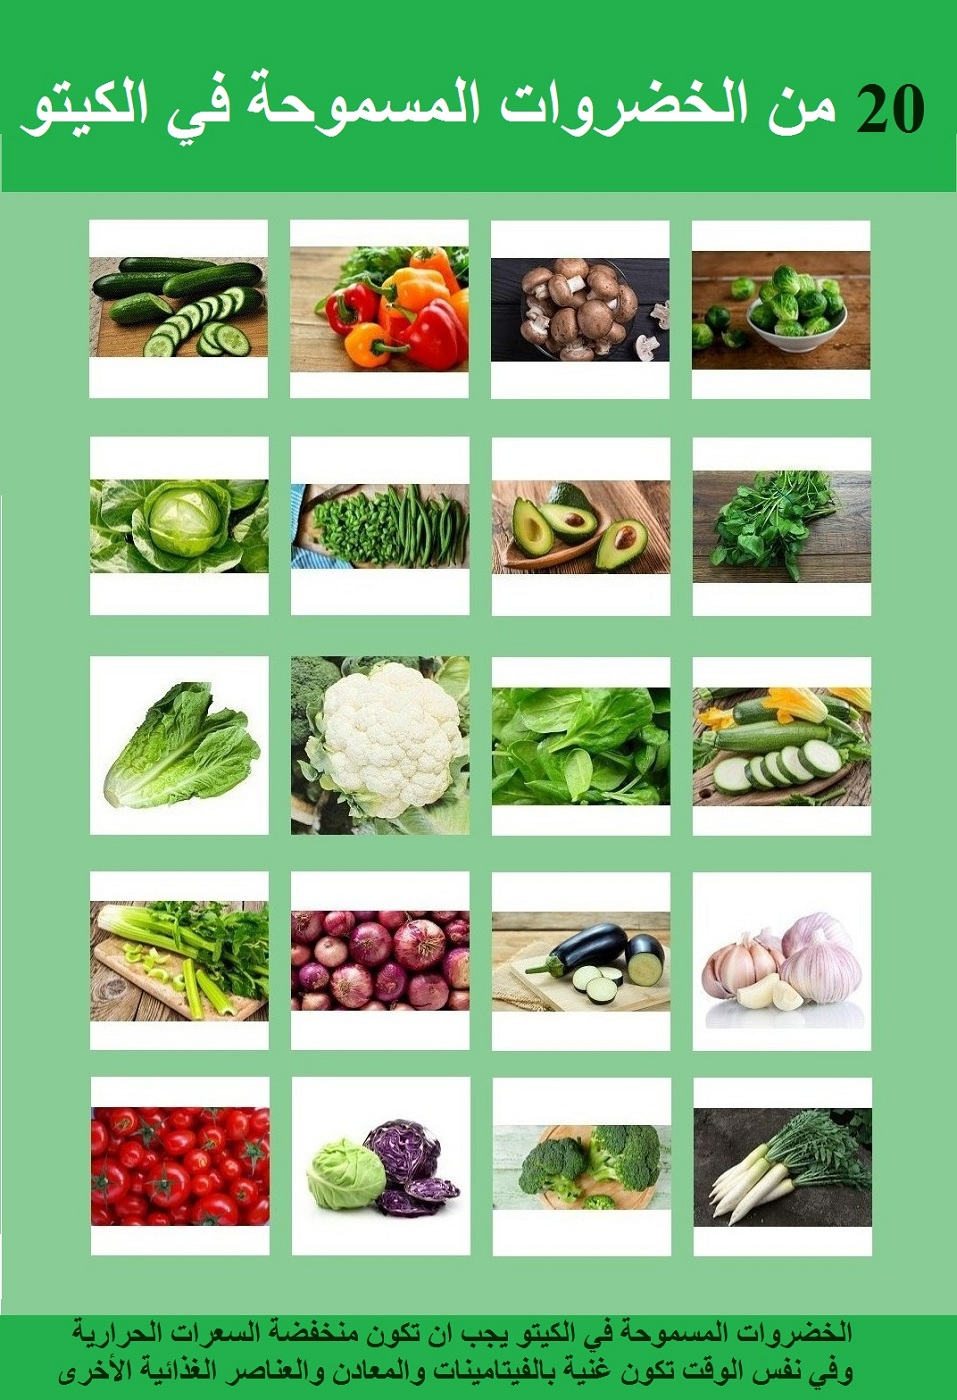 الخضروات المسموحة في الكيتو افضل 21 خضار للتخسيس الحمل انسايد